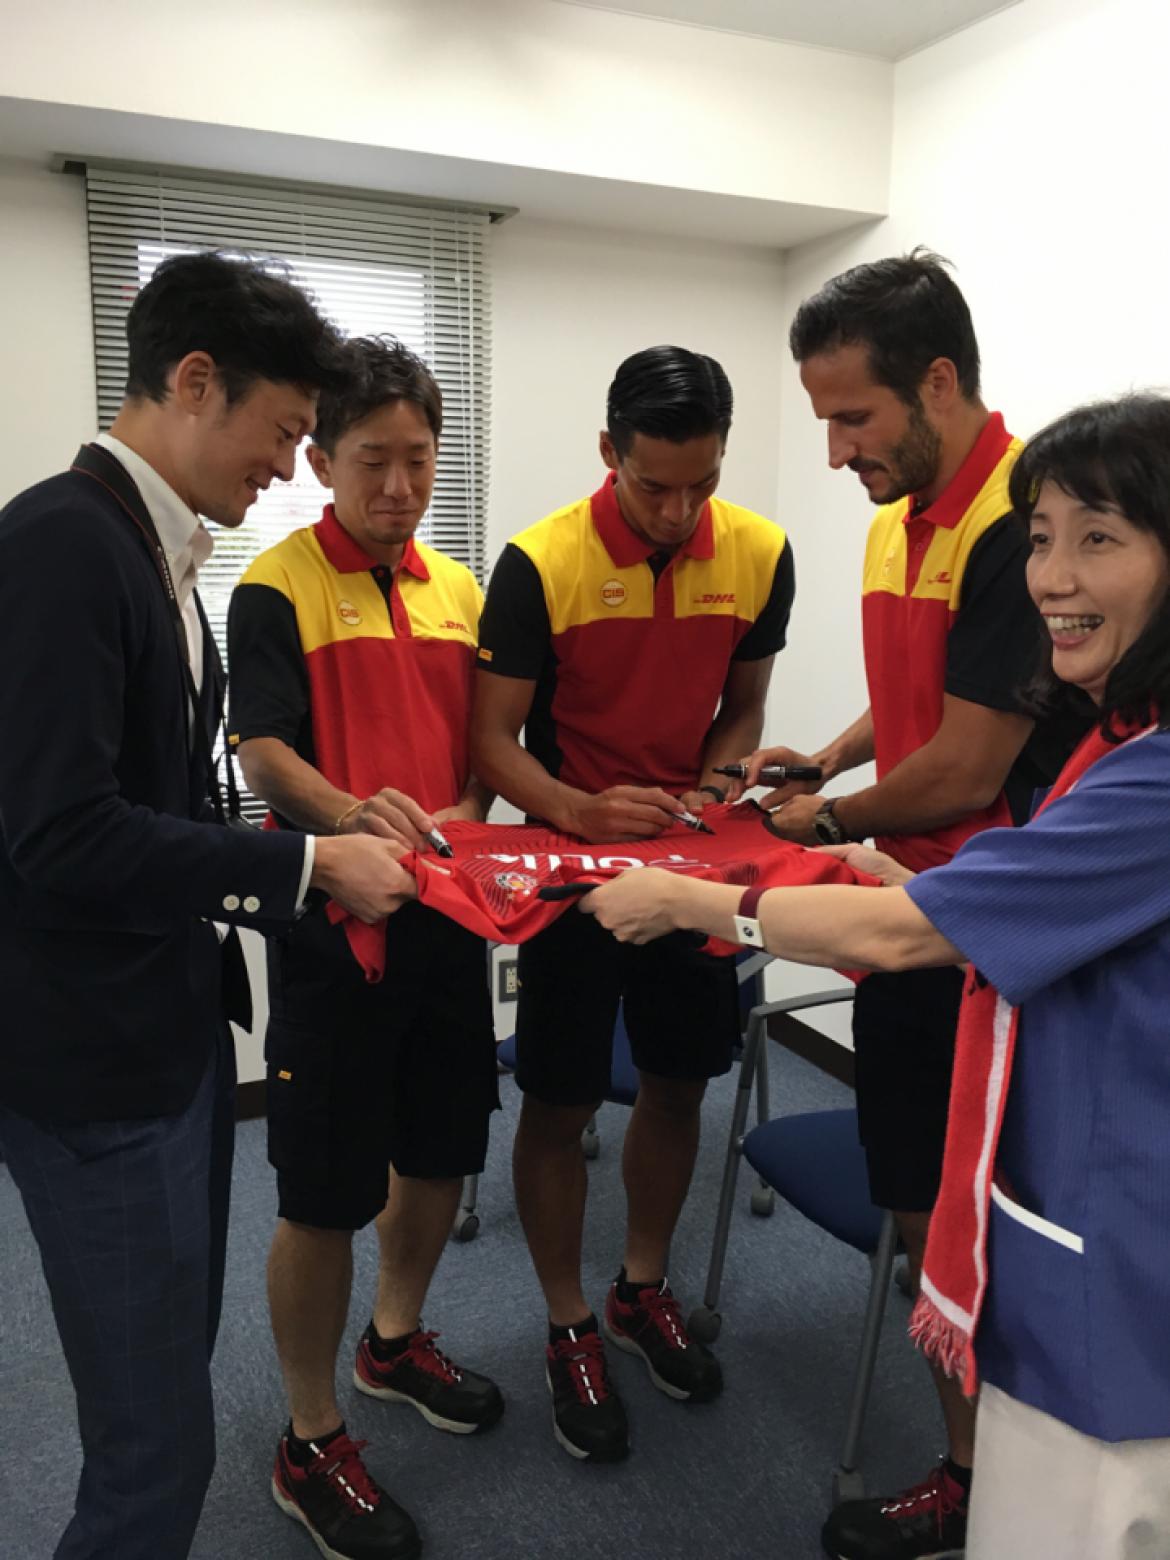 浦和レッズのユニフォームにその場でサインをする3選手